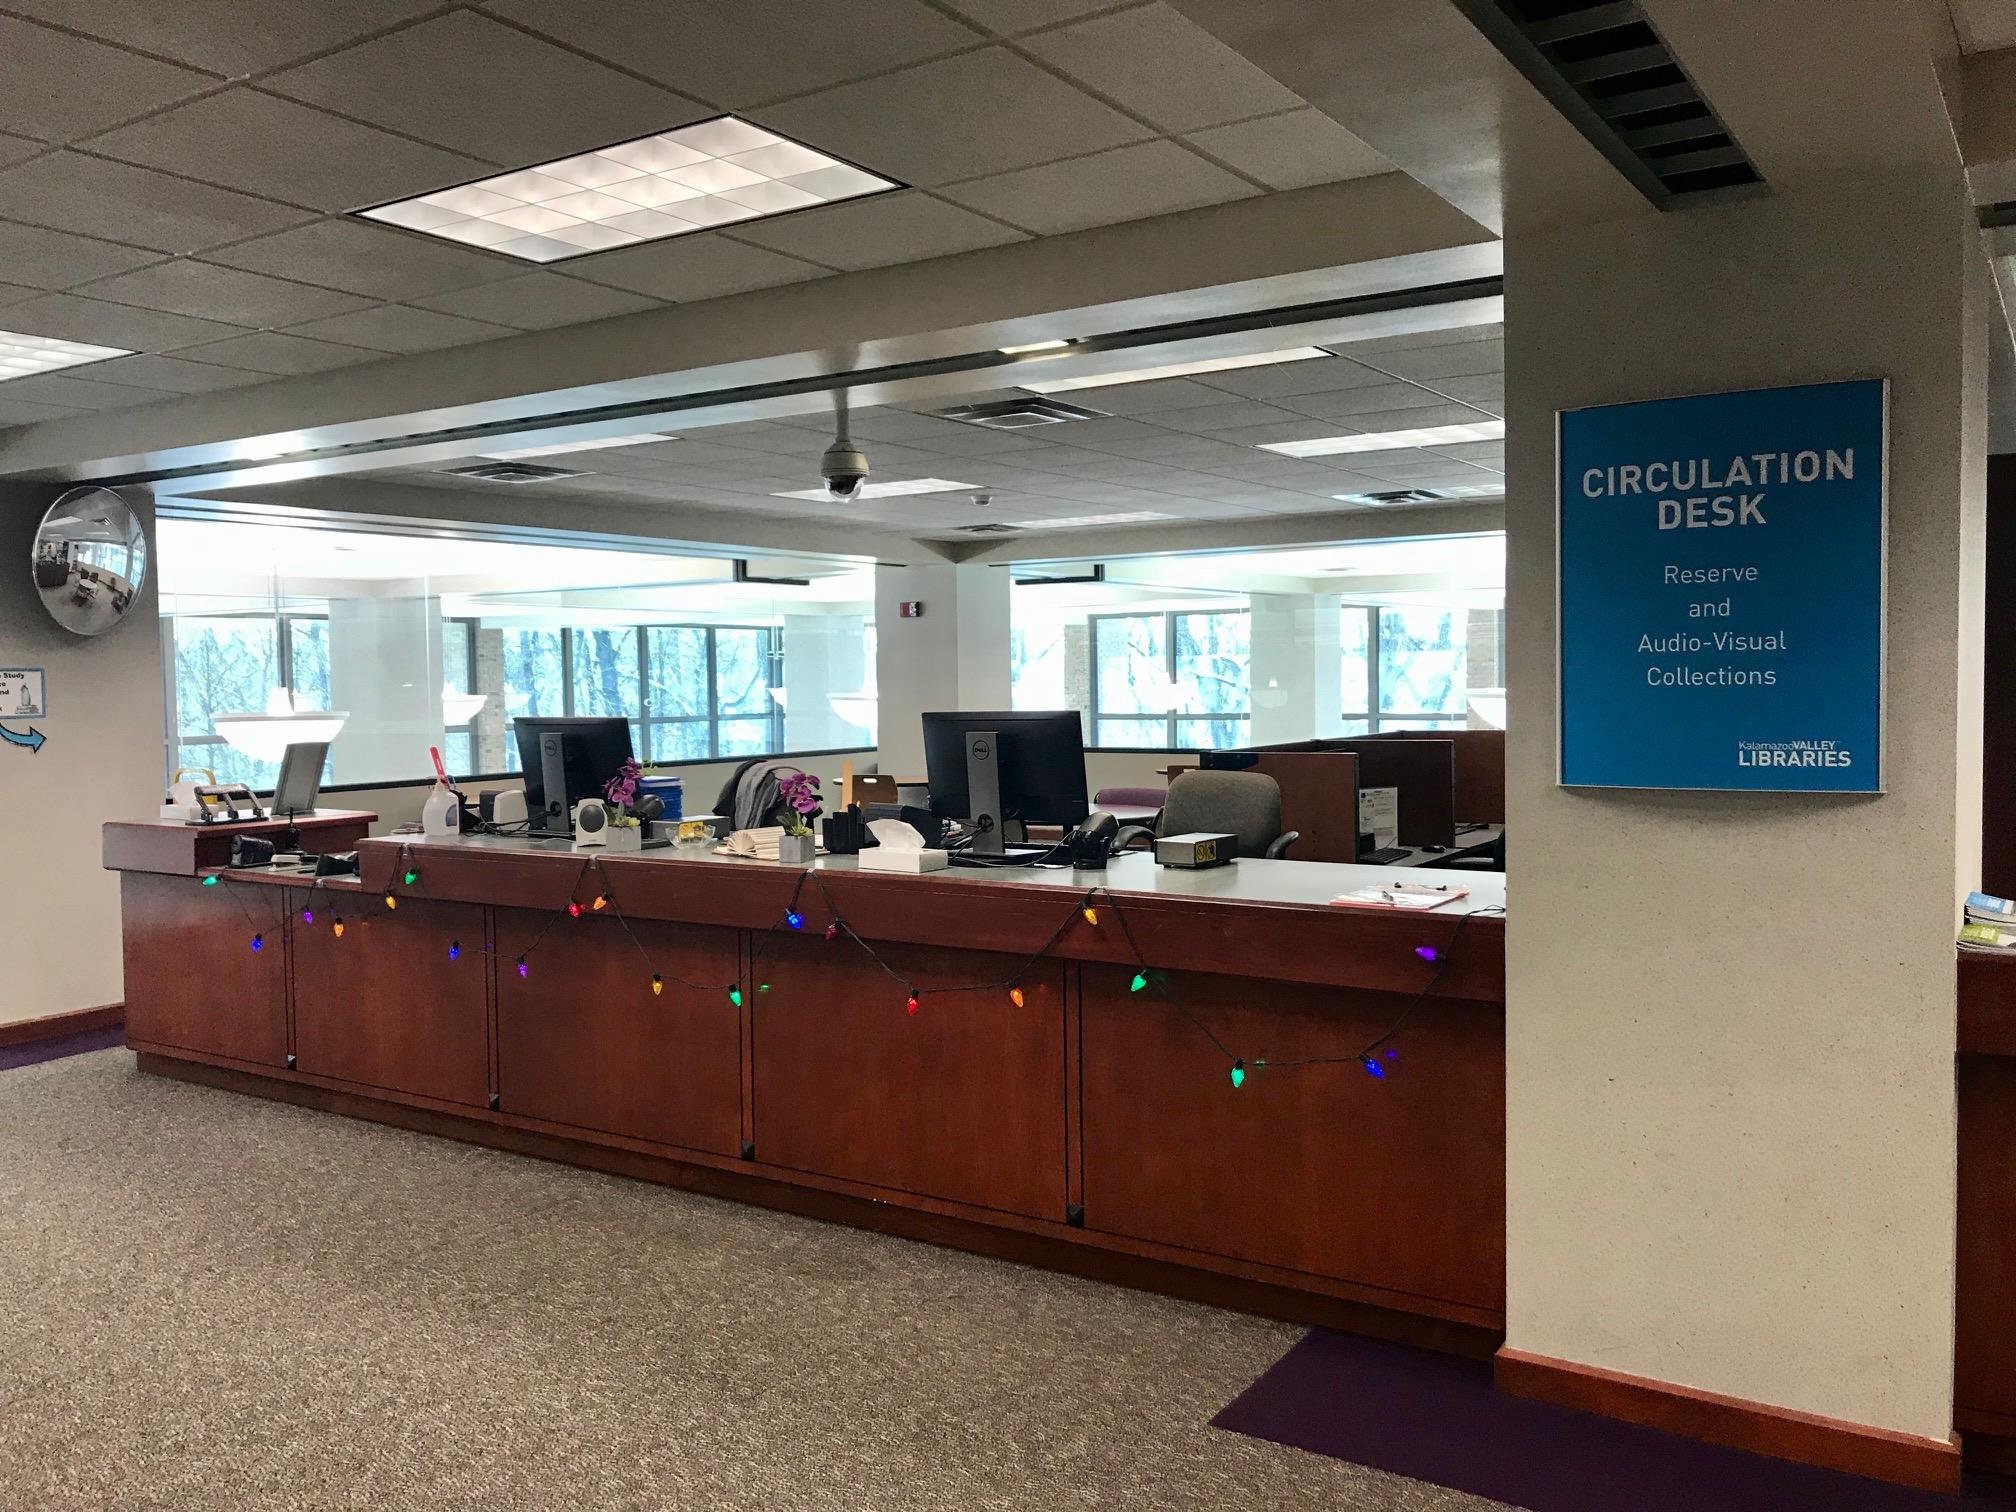 library reserve desk upper level ttc